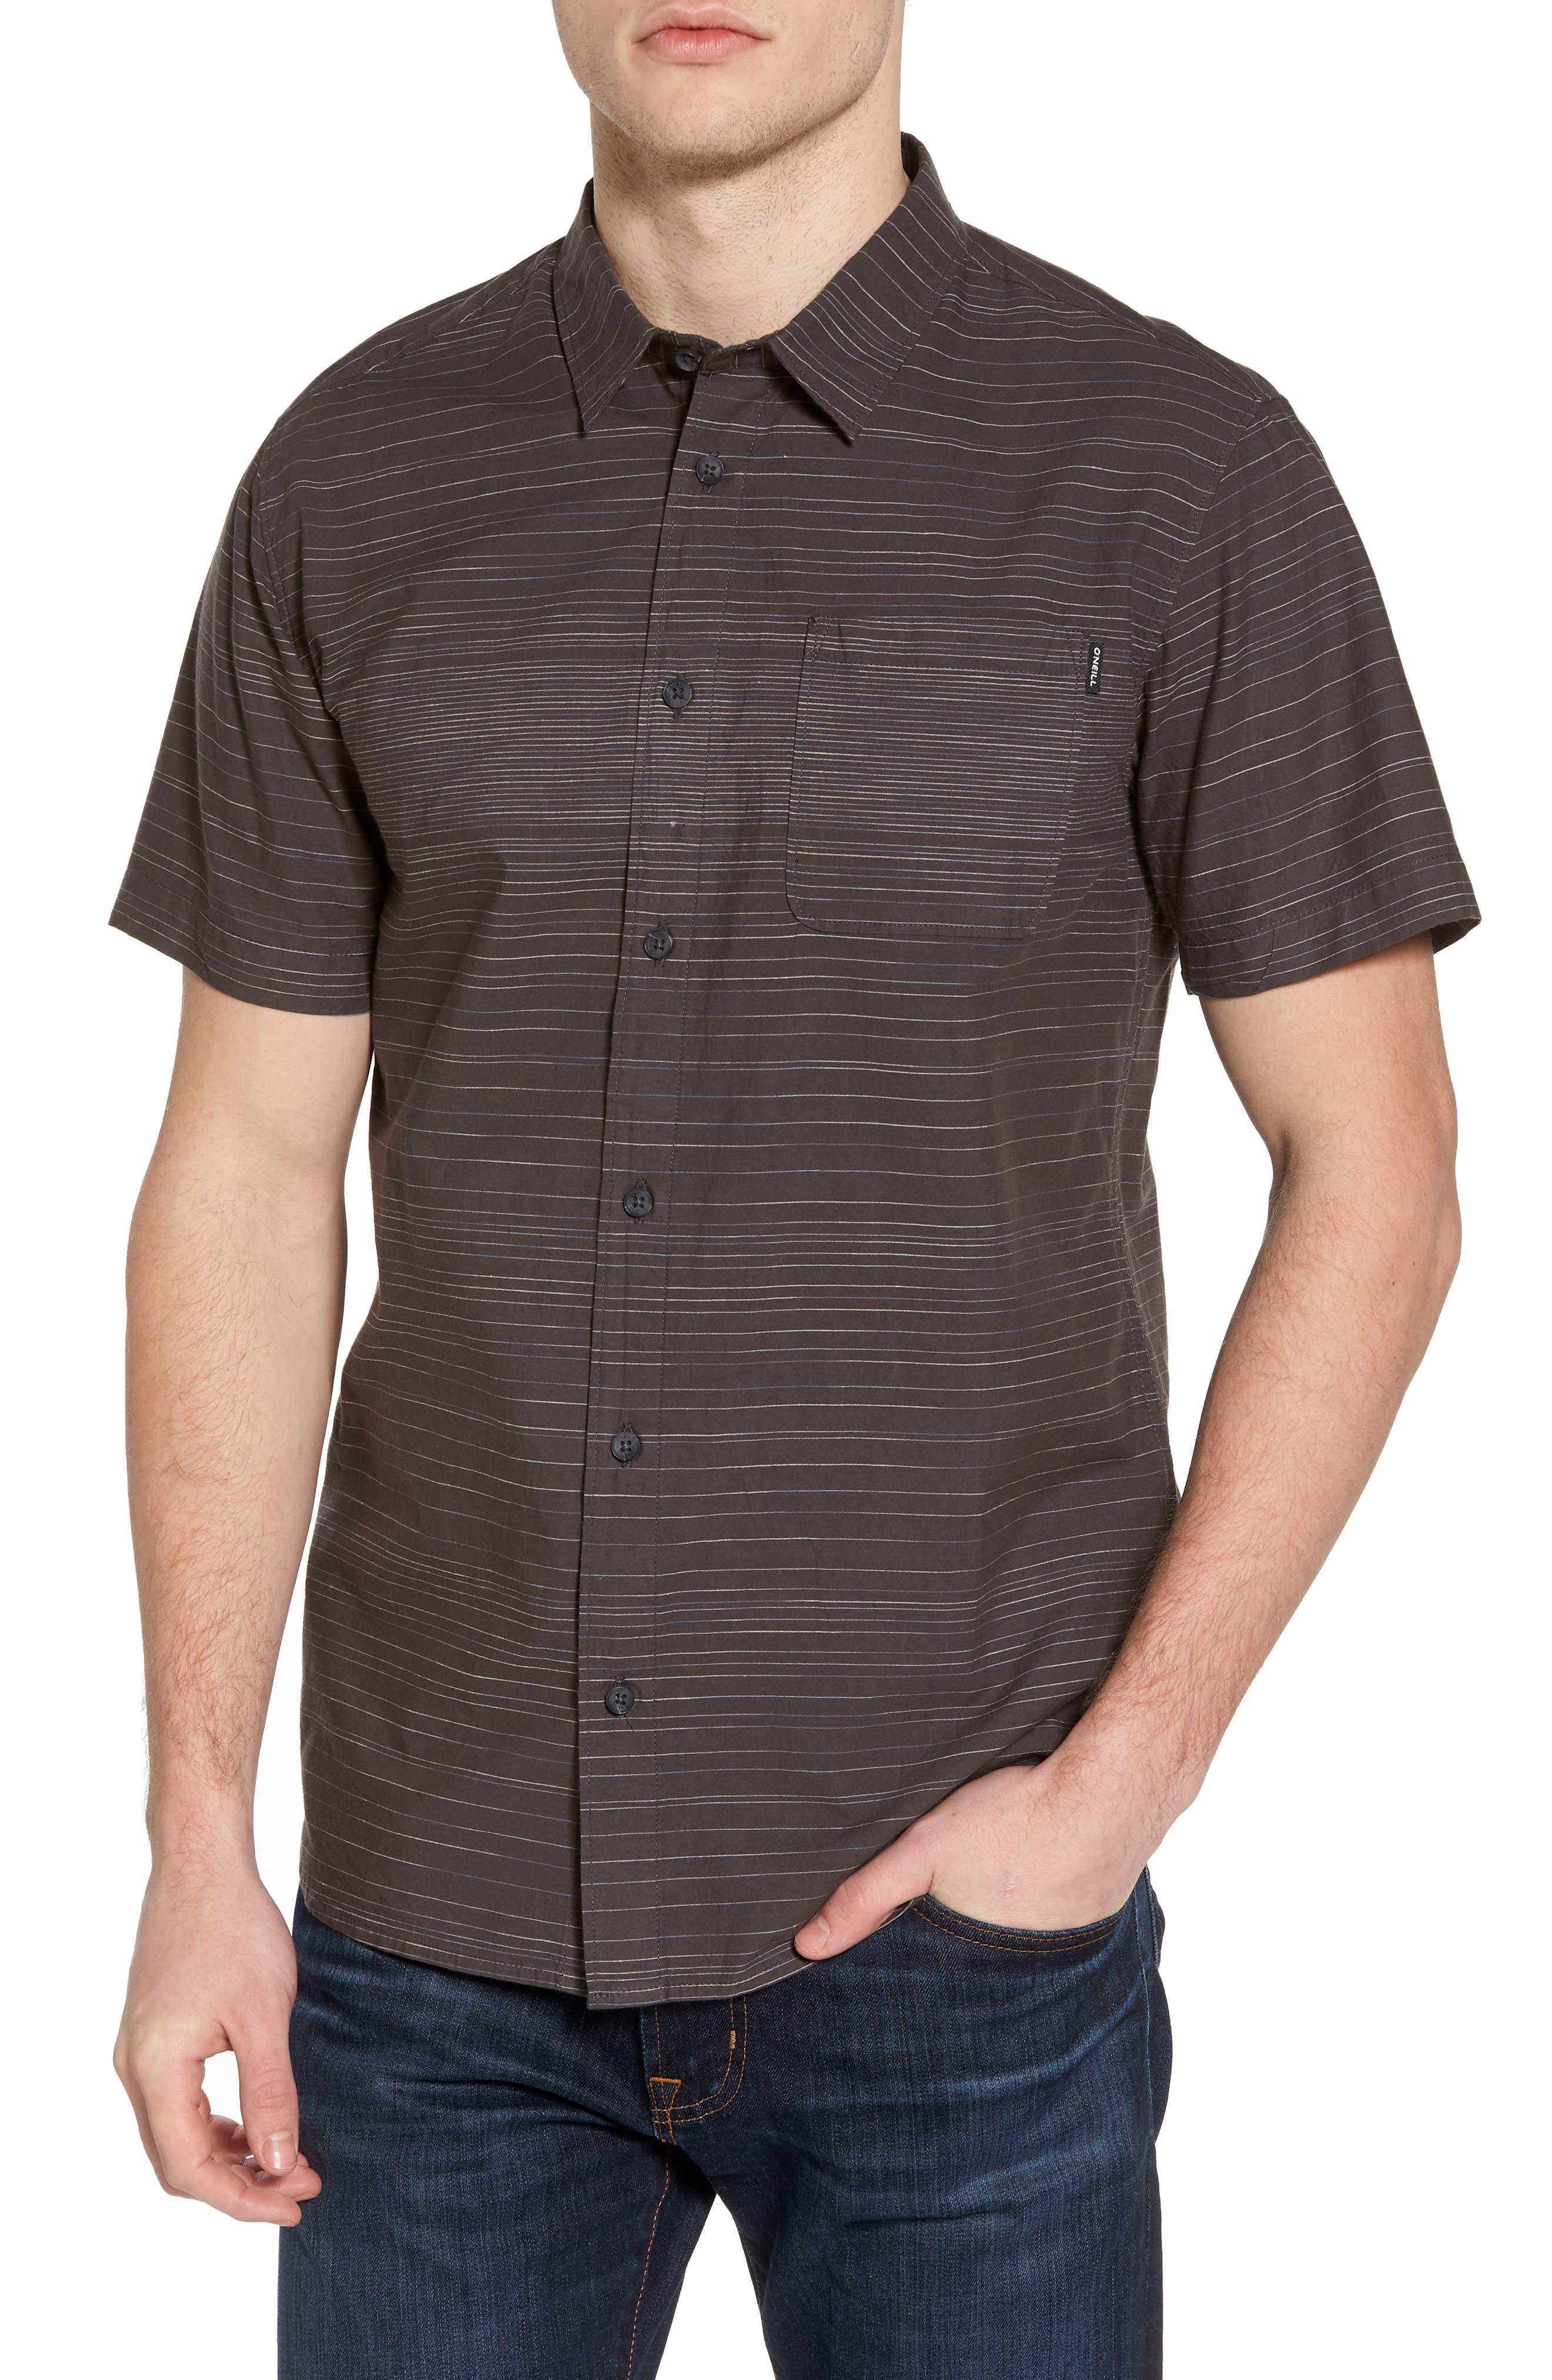 Hound Woven Shirt,                             Main thumbnail 1, color,                             020